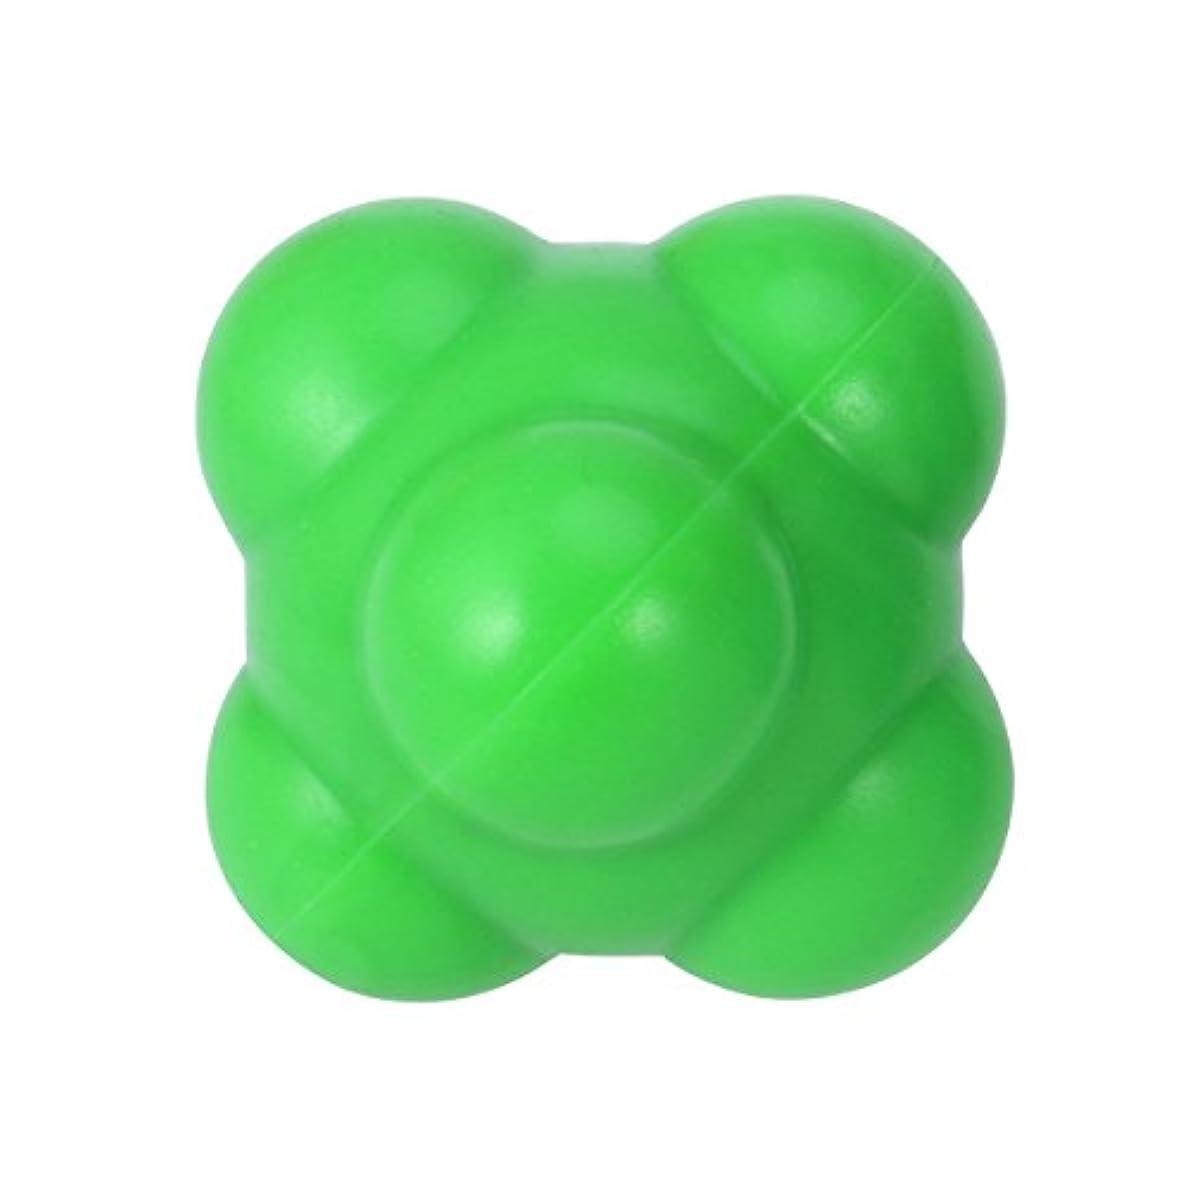 投資探検信頼性のあるSUPVOX 反応ボール 敏捷性とスピードハンドアイ調整(グリーン)